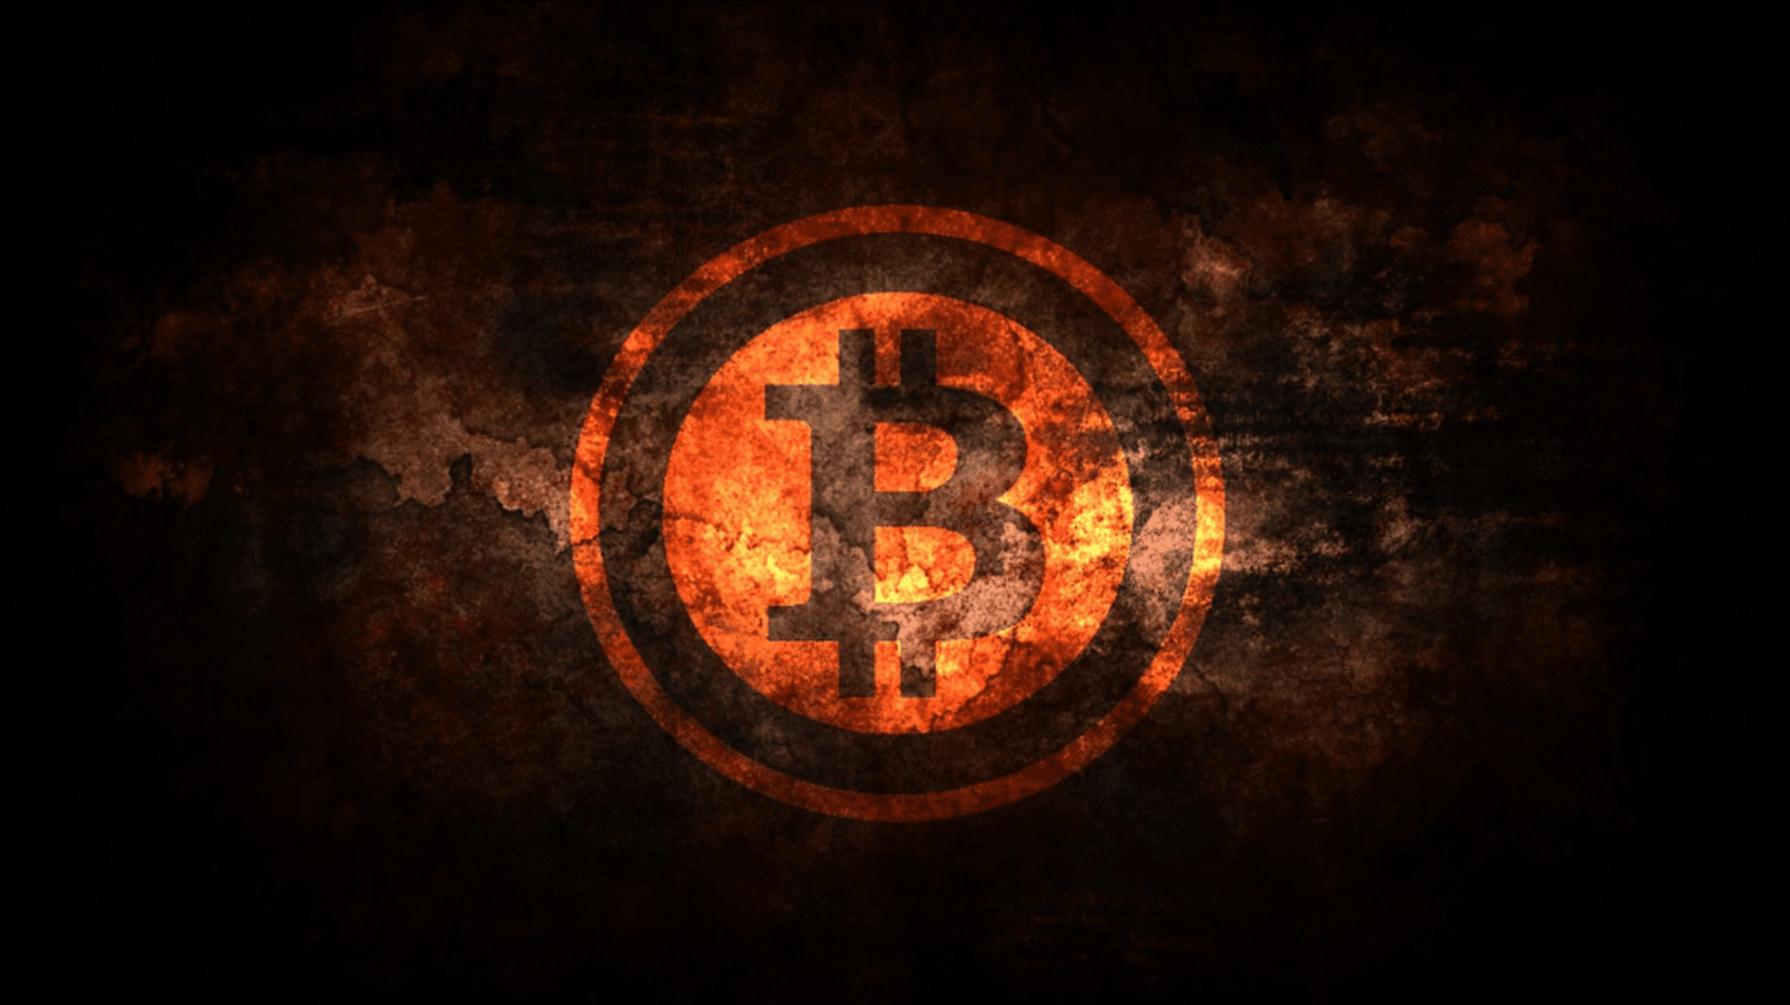 Boom! Nagłe osłabienie Bitcoina i praktycznie każdej innej kryptowaluty 23